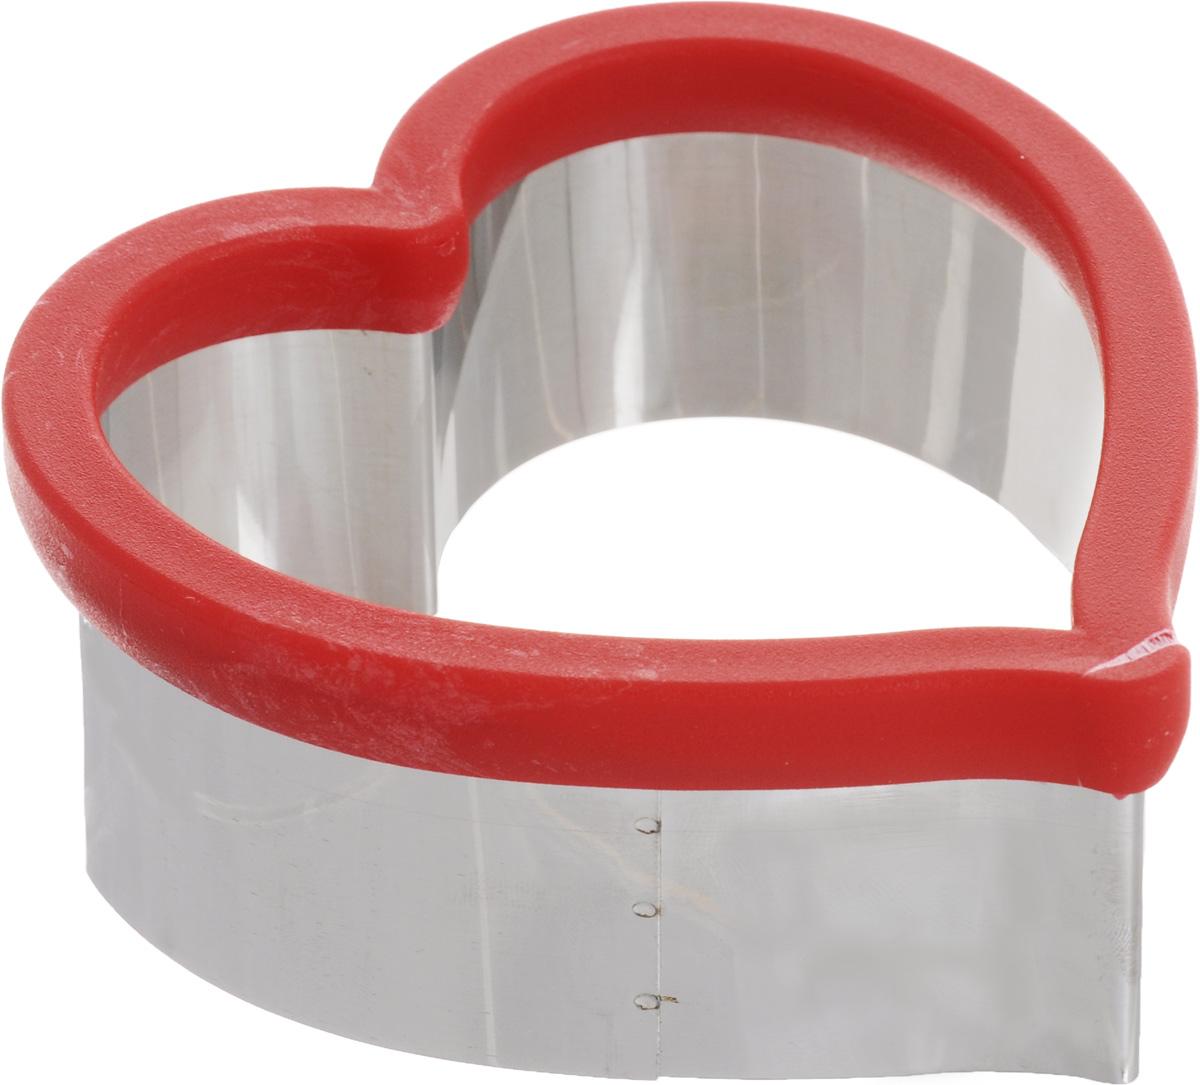 Форма для вырезания печенья Mayer & Boch Сердце, 11 х 10 см21880Форма для вырезания печенья Mayer & BochСердце будет отличным выбором для всехлюбителей выпечки. Изделие выполнено изнержавеющей стали и пластика. Специальнаянасадка на формочке защитит ваши руки привырезании теста.С такой формой вы всегда сможете порадоватьсвоих близких оригинальной выпечкой.Можно мыть в посудомоечной машине. Размер: 11 х 10 см. Высота стенок: 4,5 см.